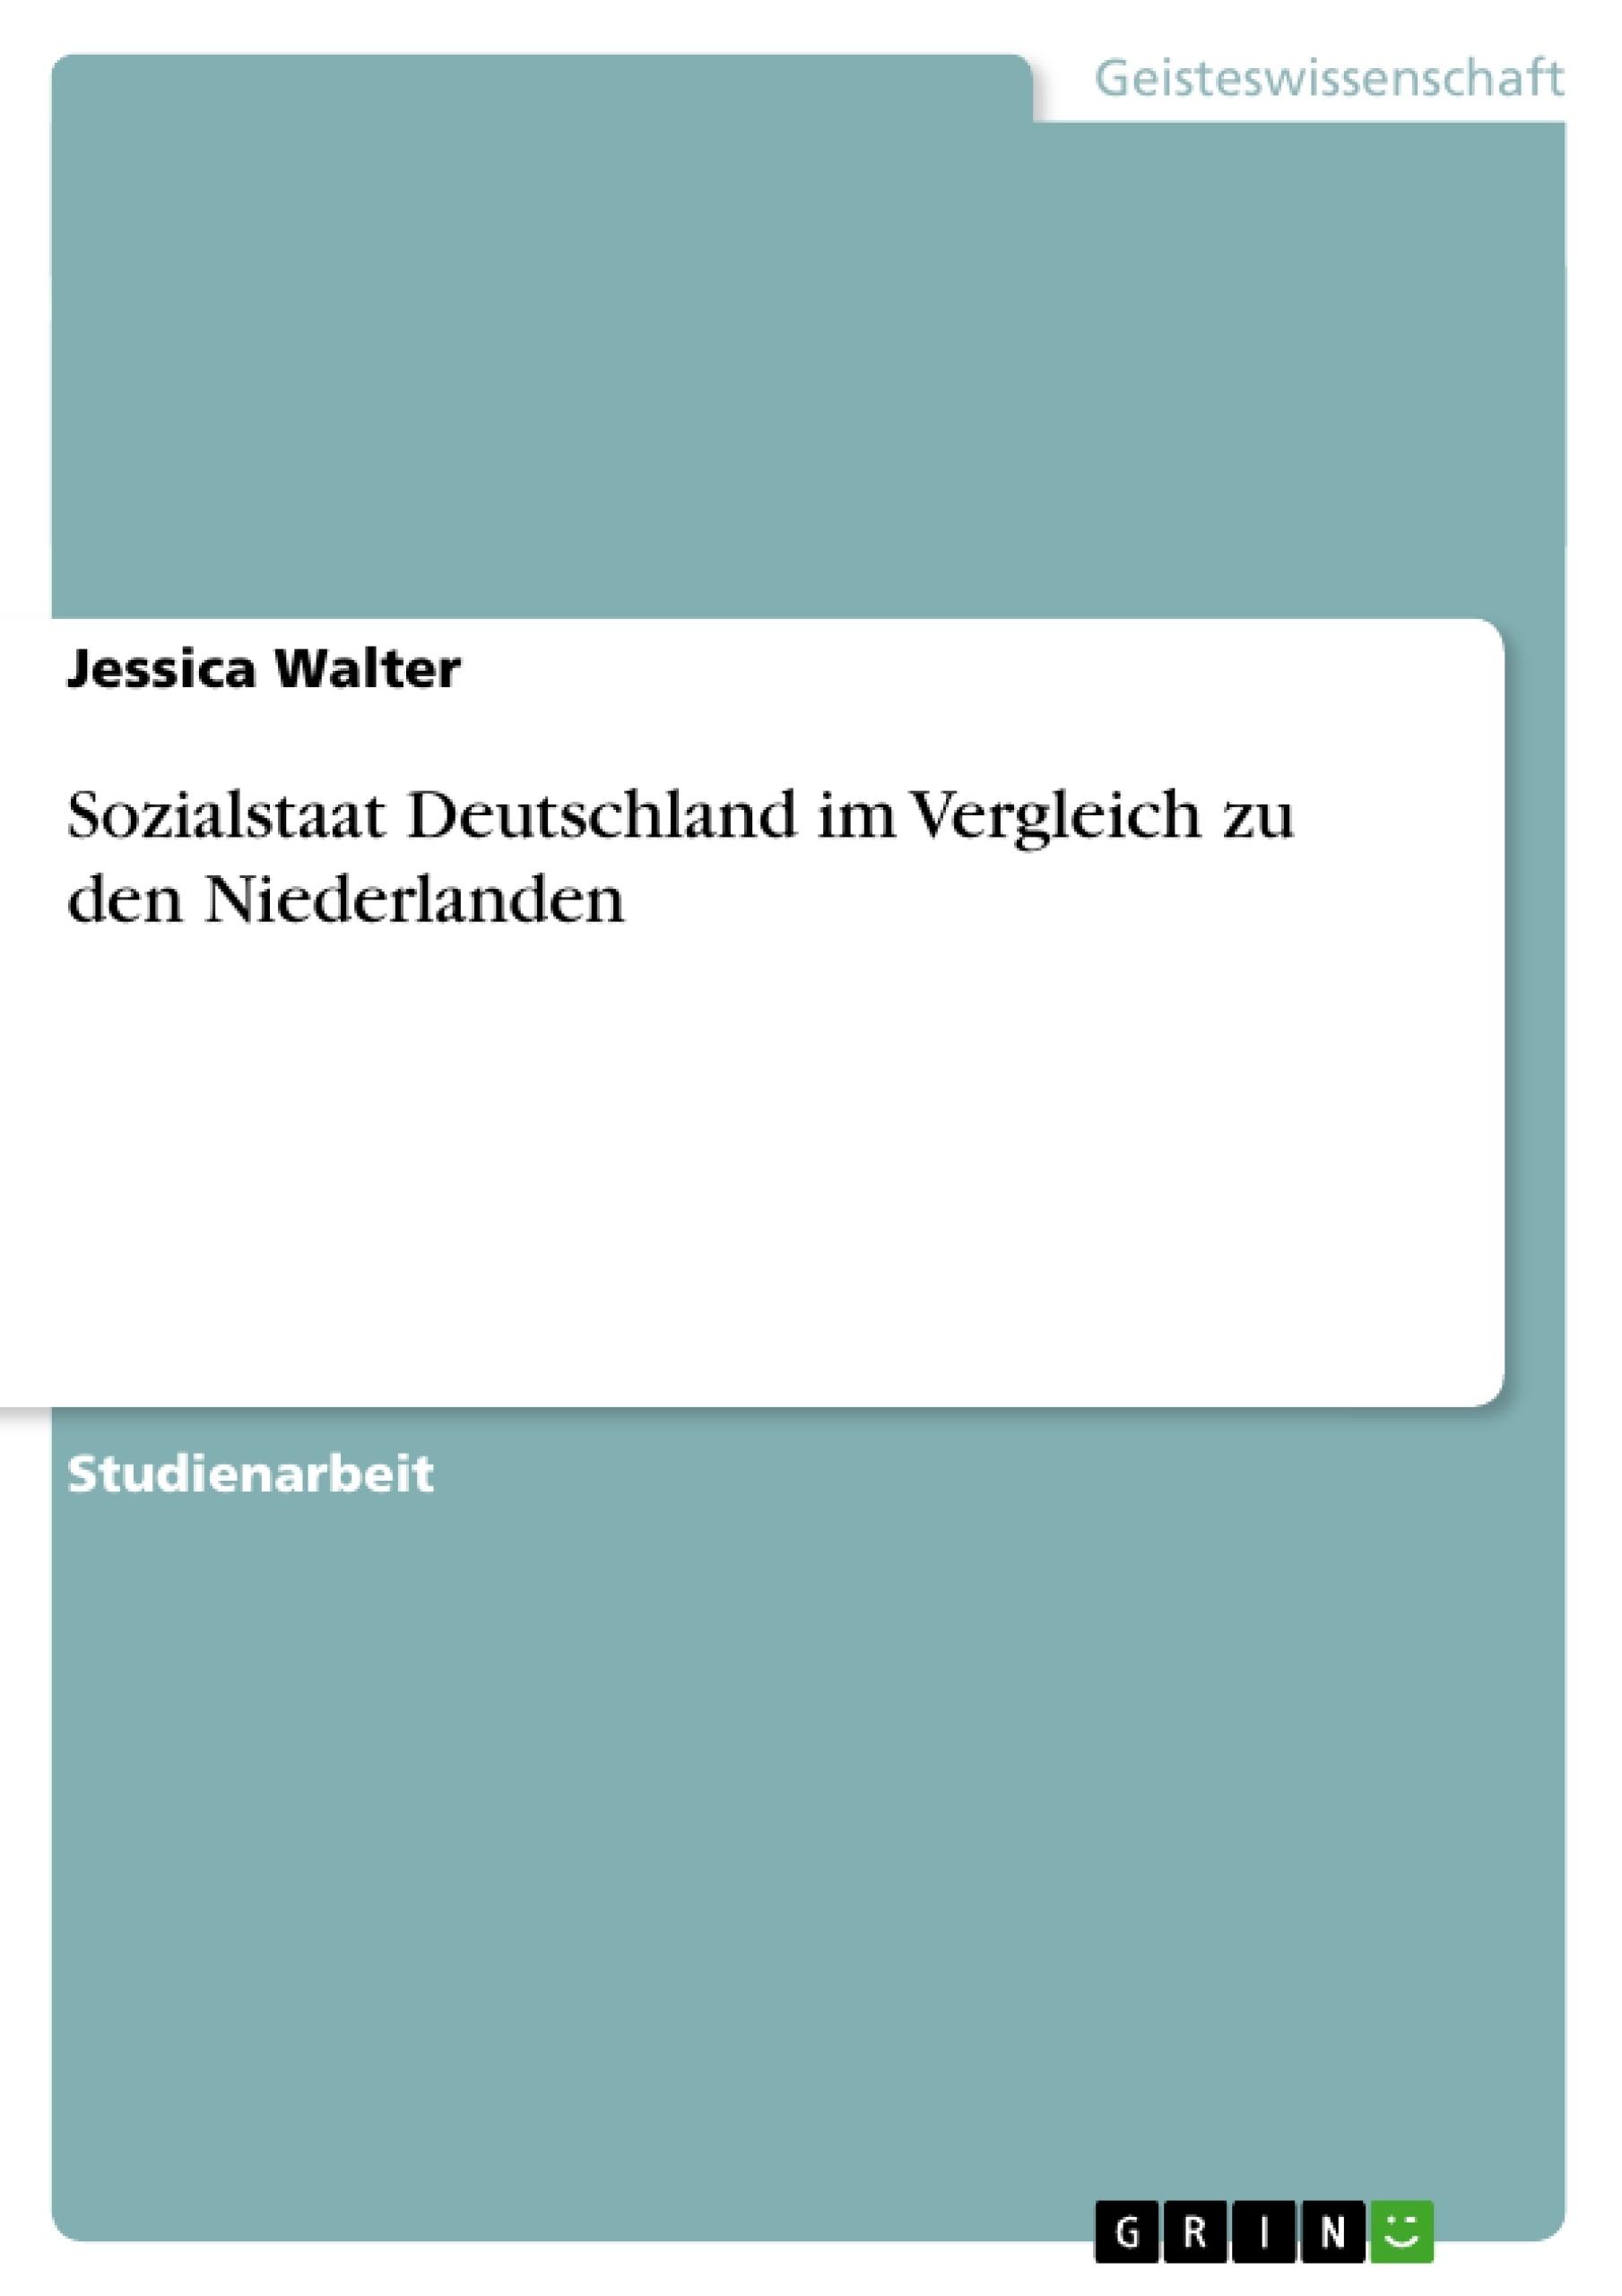 Titel: Sozialstaat Deutschland im Vergleich zu den Niederlanden